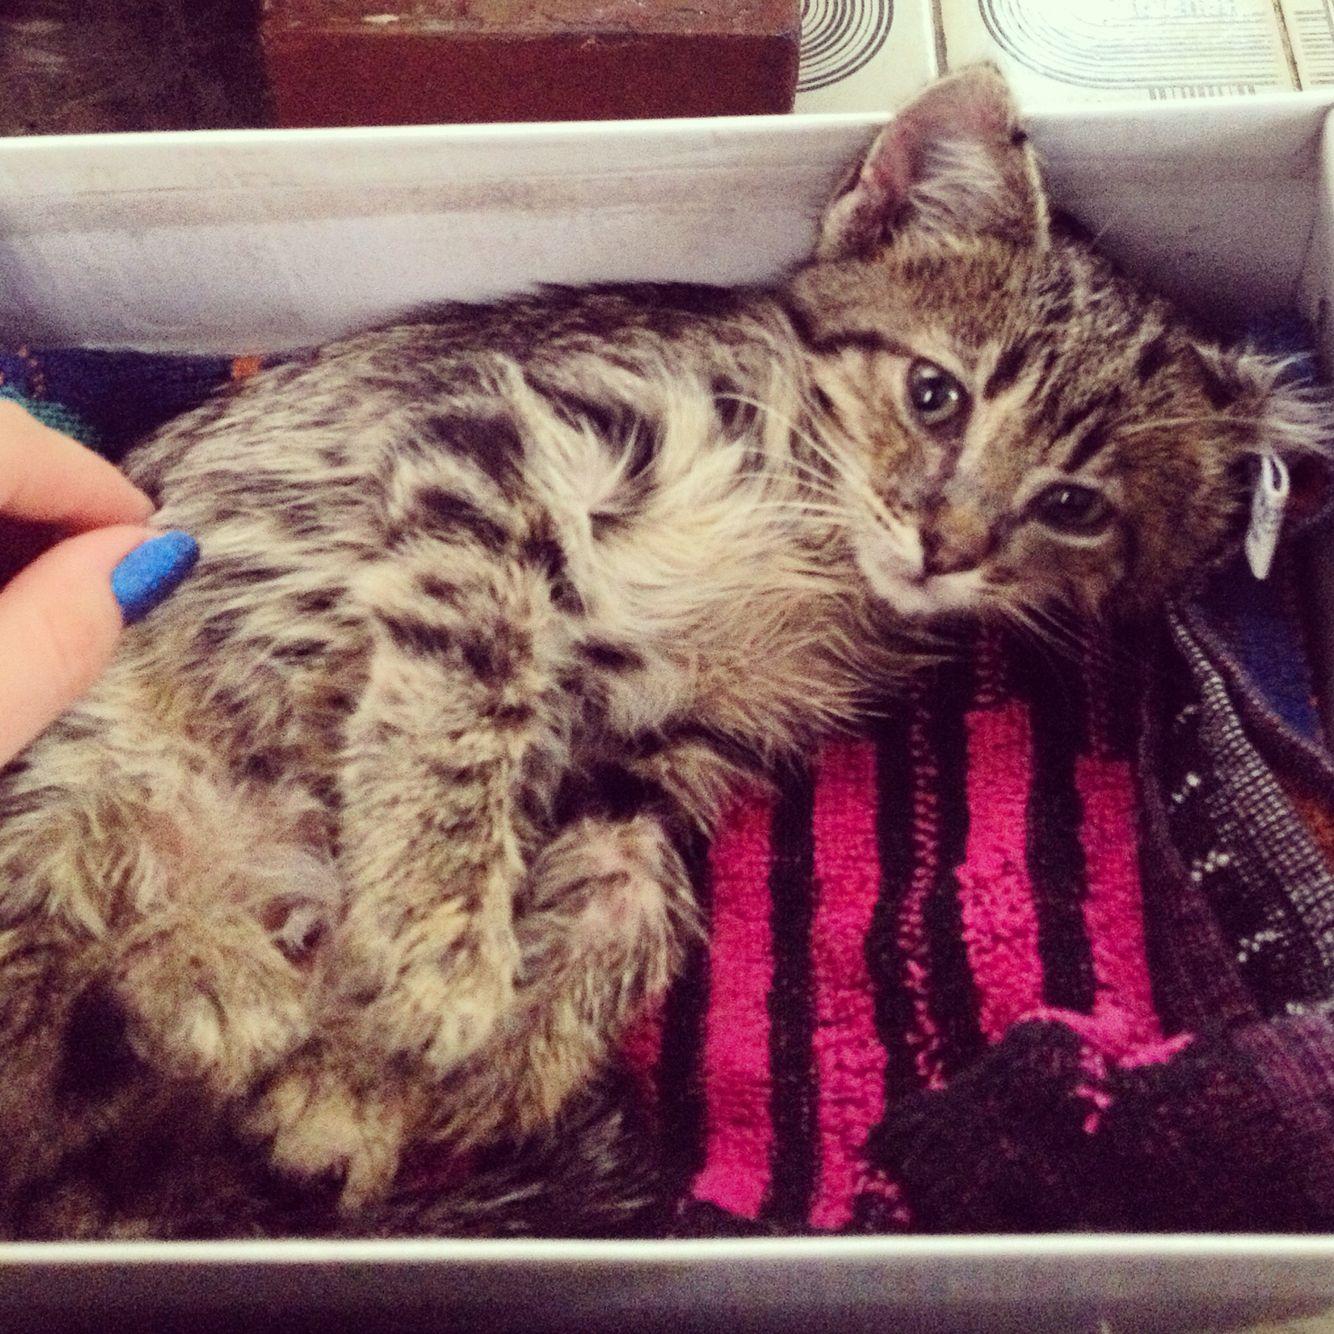 Kotenok Byl Ochen Bolnoj So Slomannymi Zadnimi Lapami Cats Animals Pierre